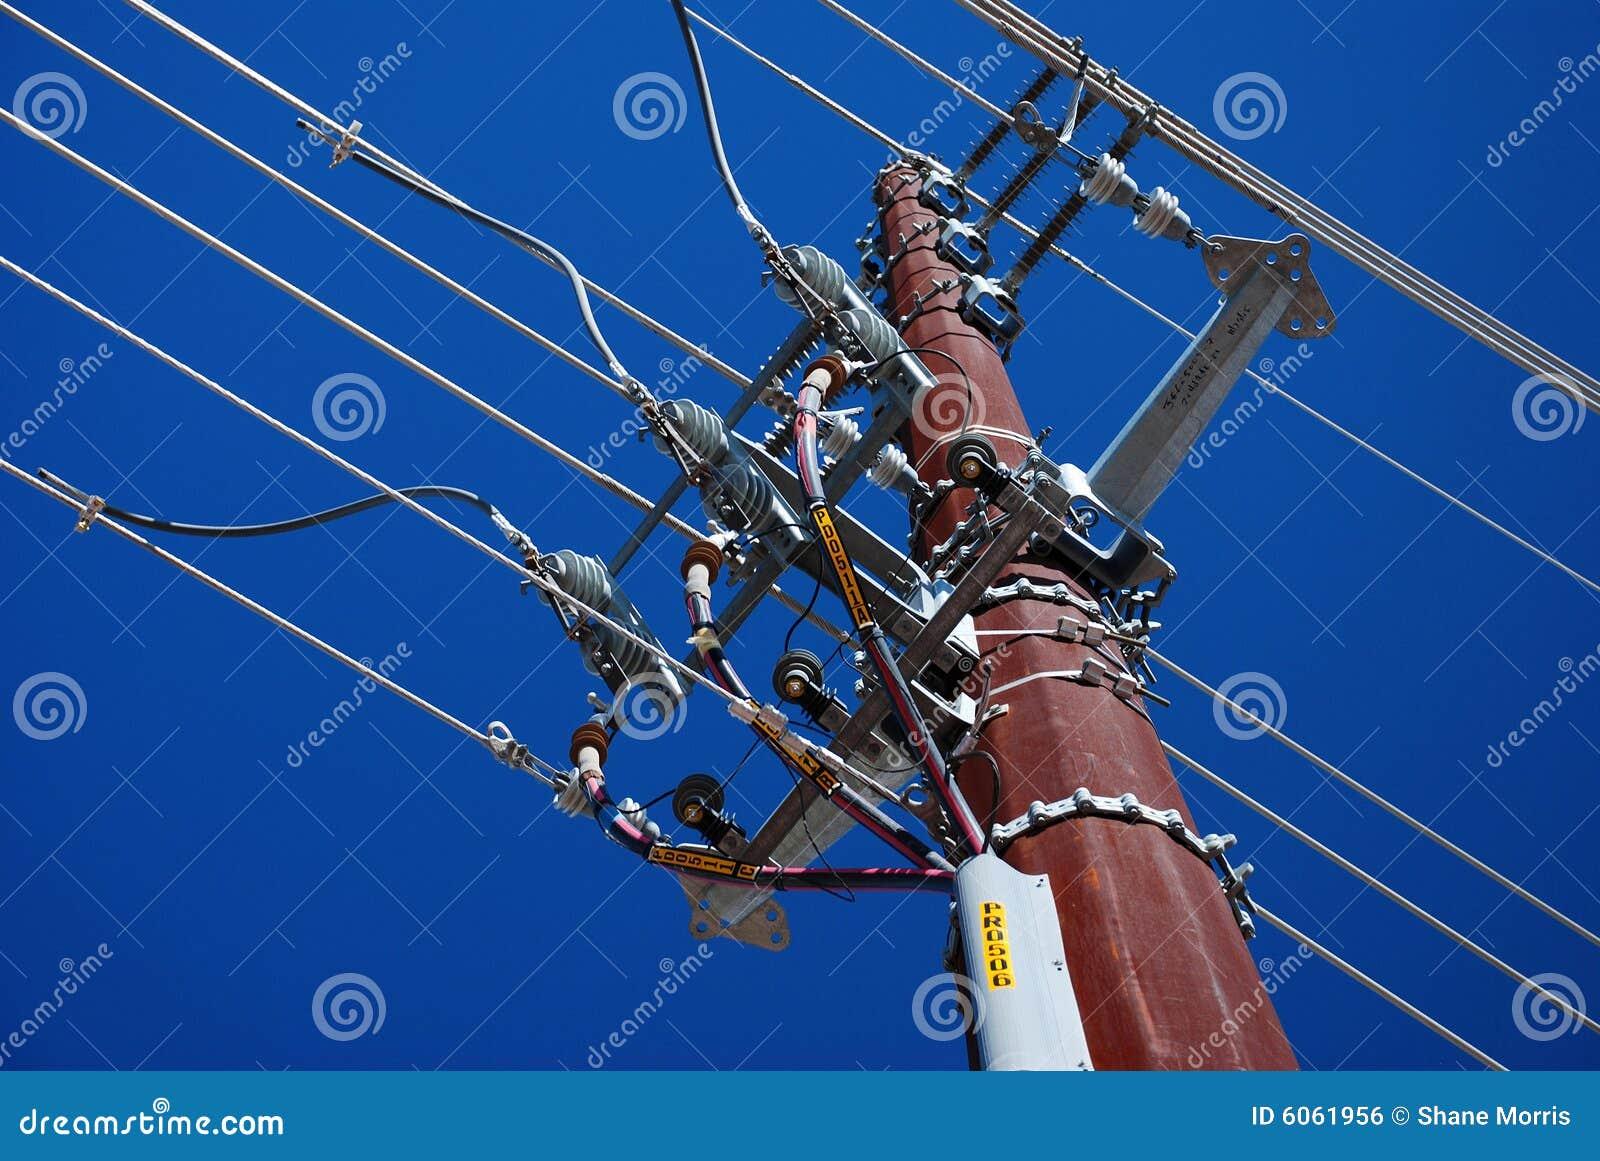 Najwyższe władze elektryczne linii przekazywanie